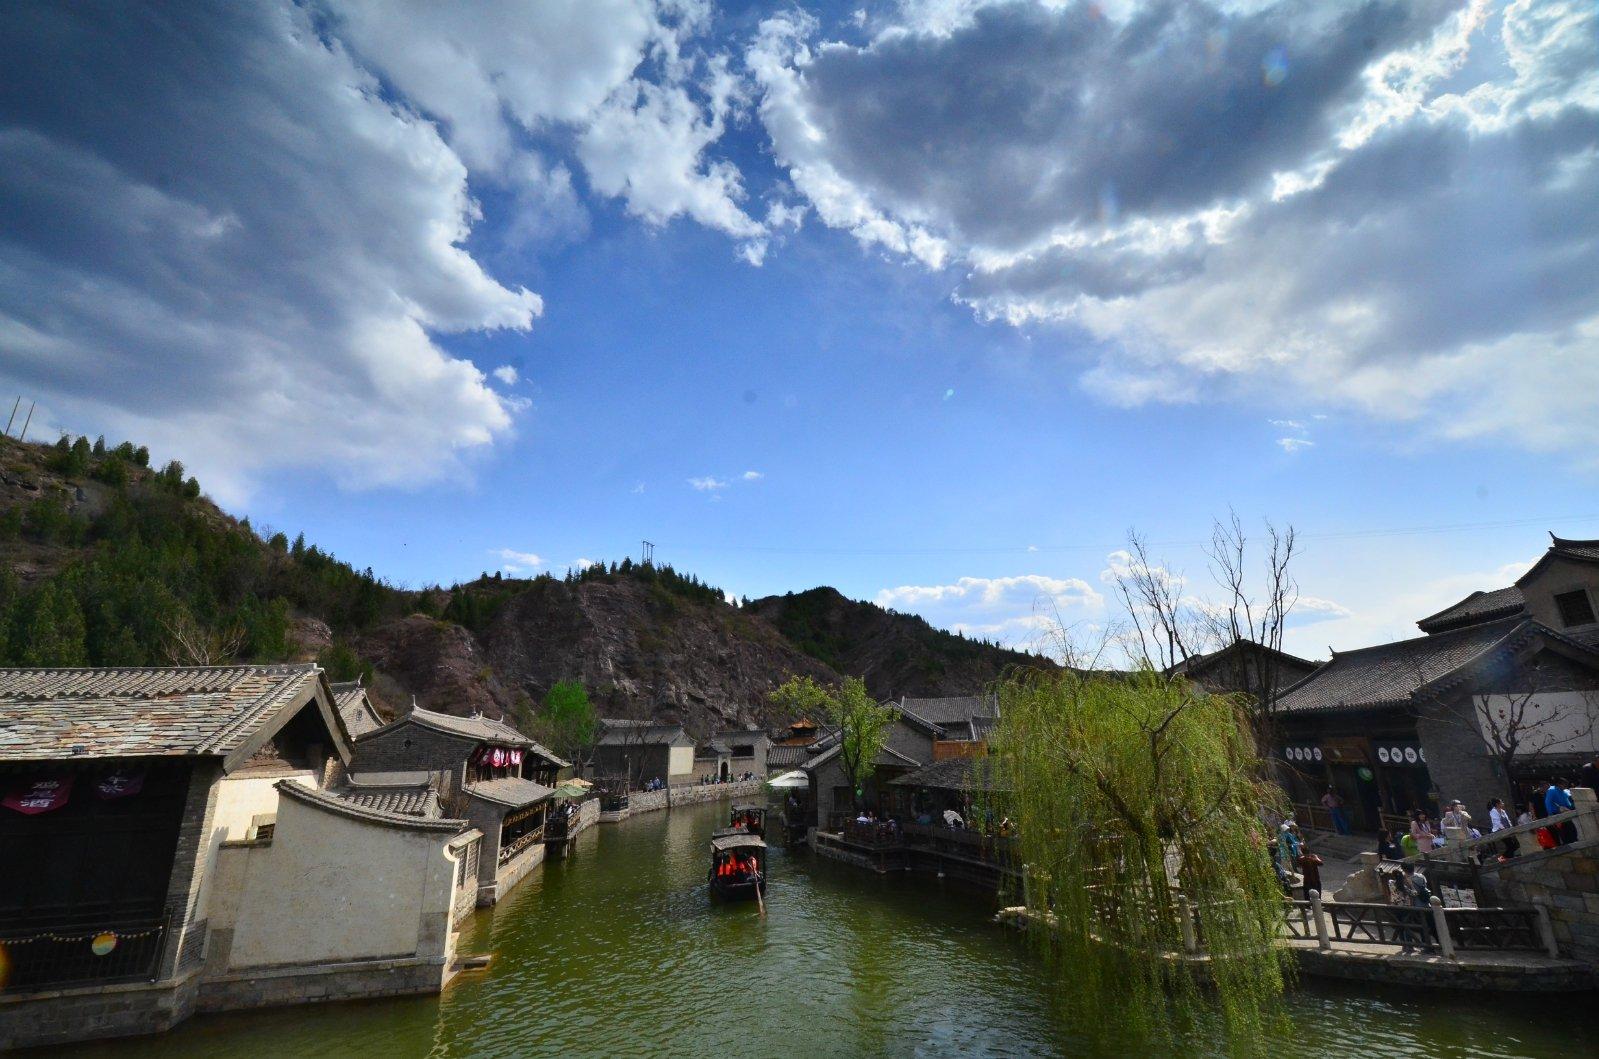 2019古北水镇游玩攻略,于是想要一起闲逛的几景德镇到三清山自驾一日游攻略图片